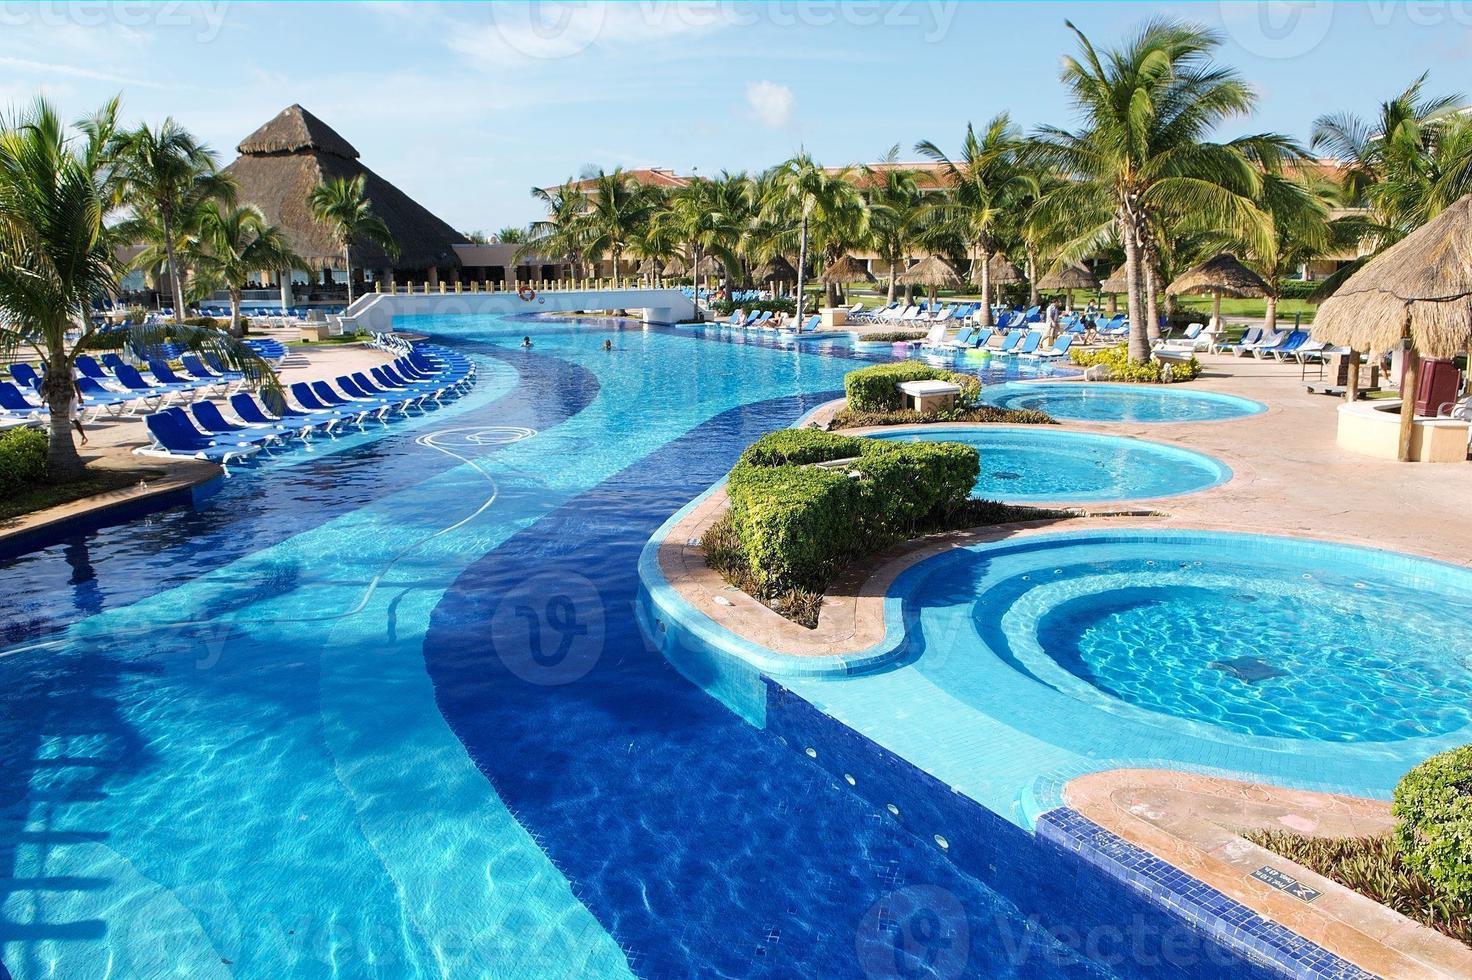 piscina e banheira de hidromassagem foto